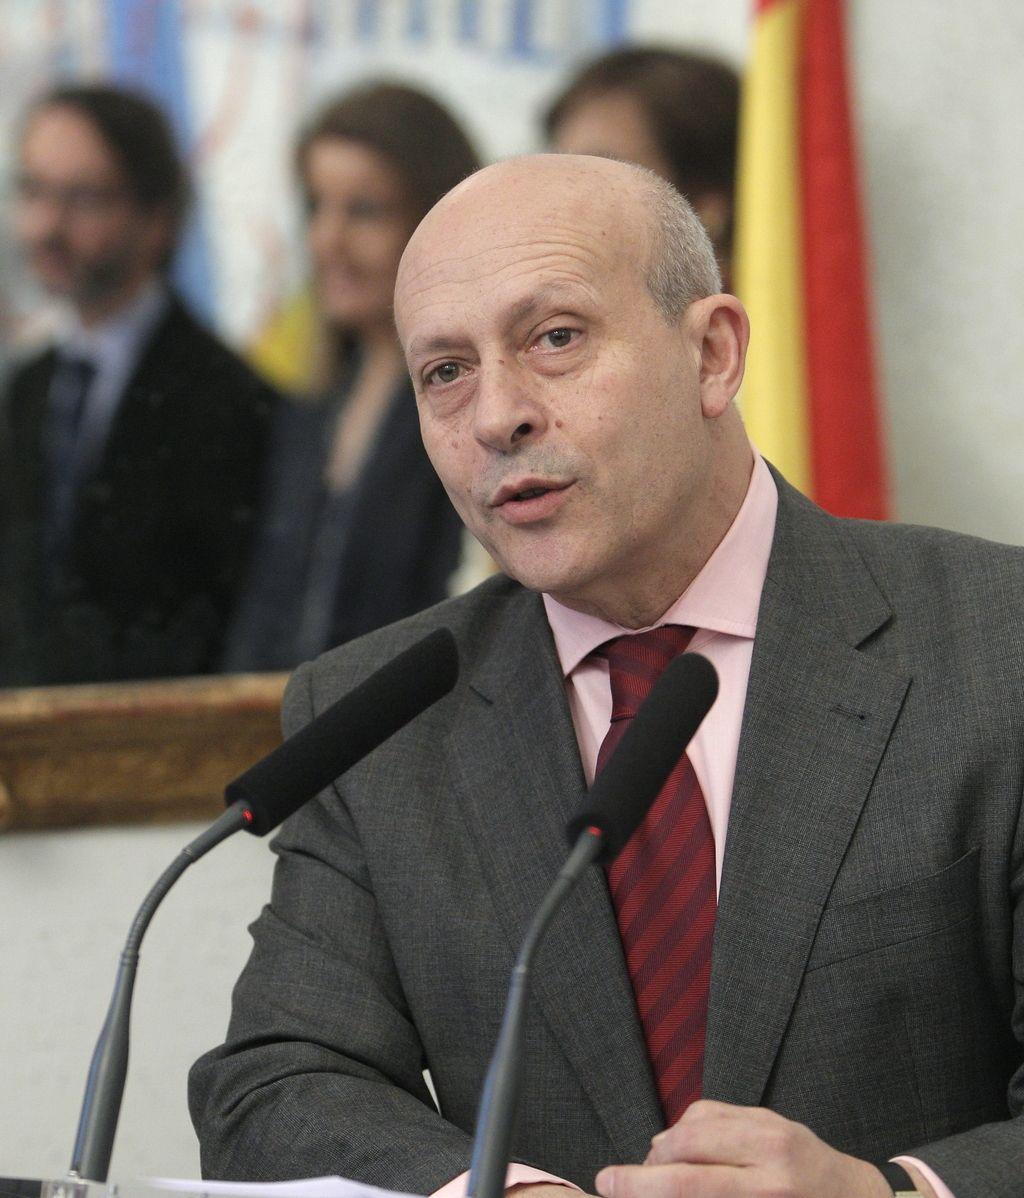 El ministro de Educación, Deporte y Cultura, José Ignacio Wert